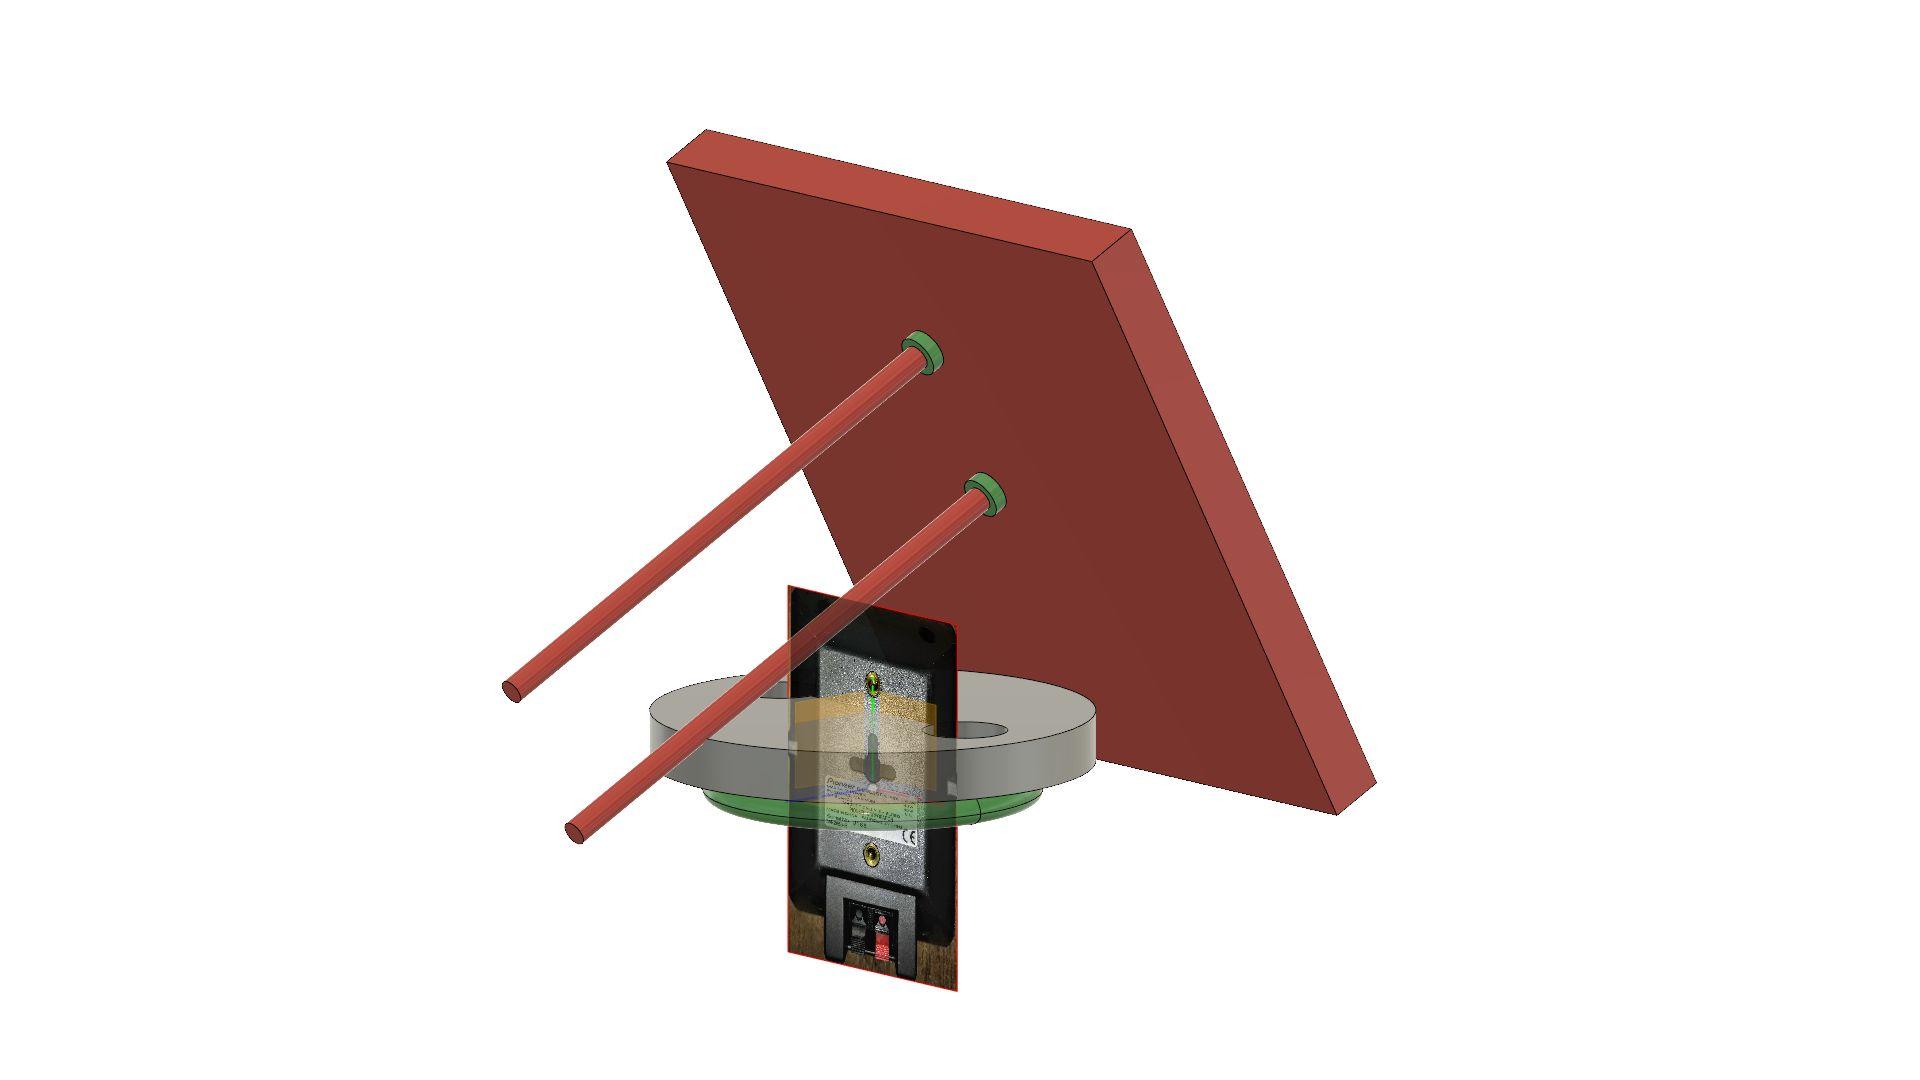 Box-mount-v4-3500-3500